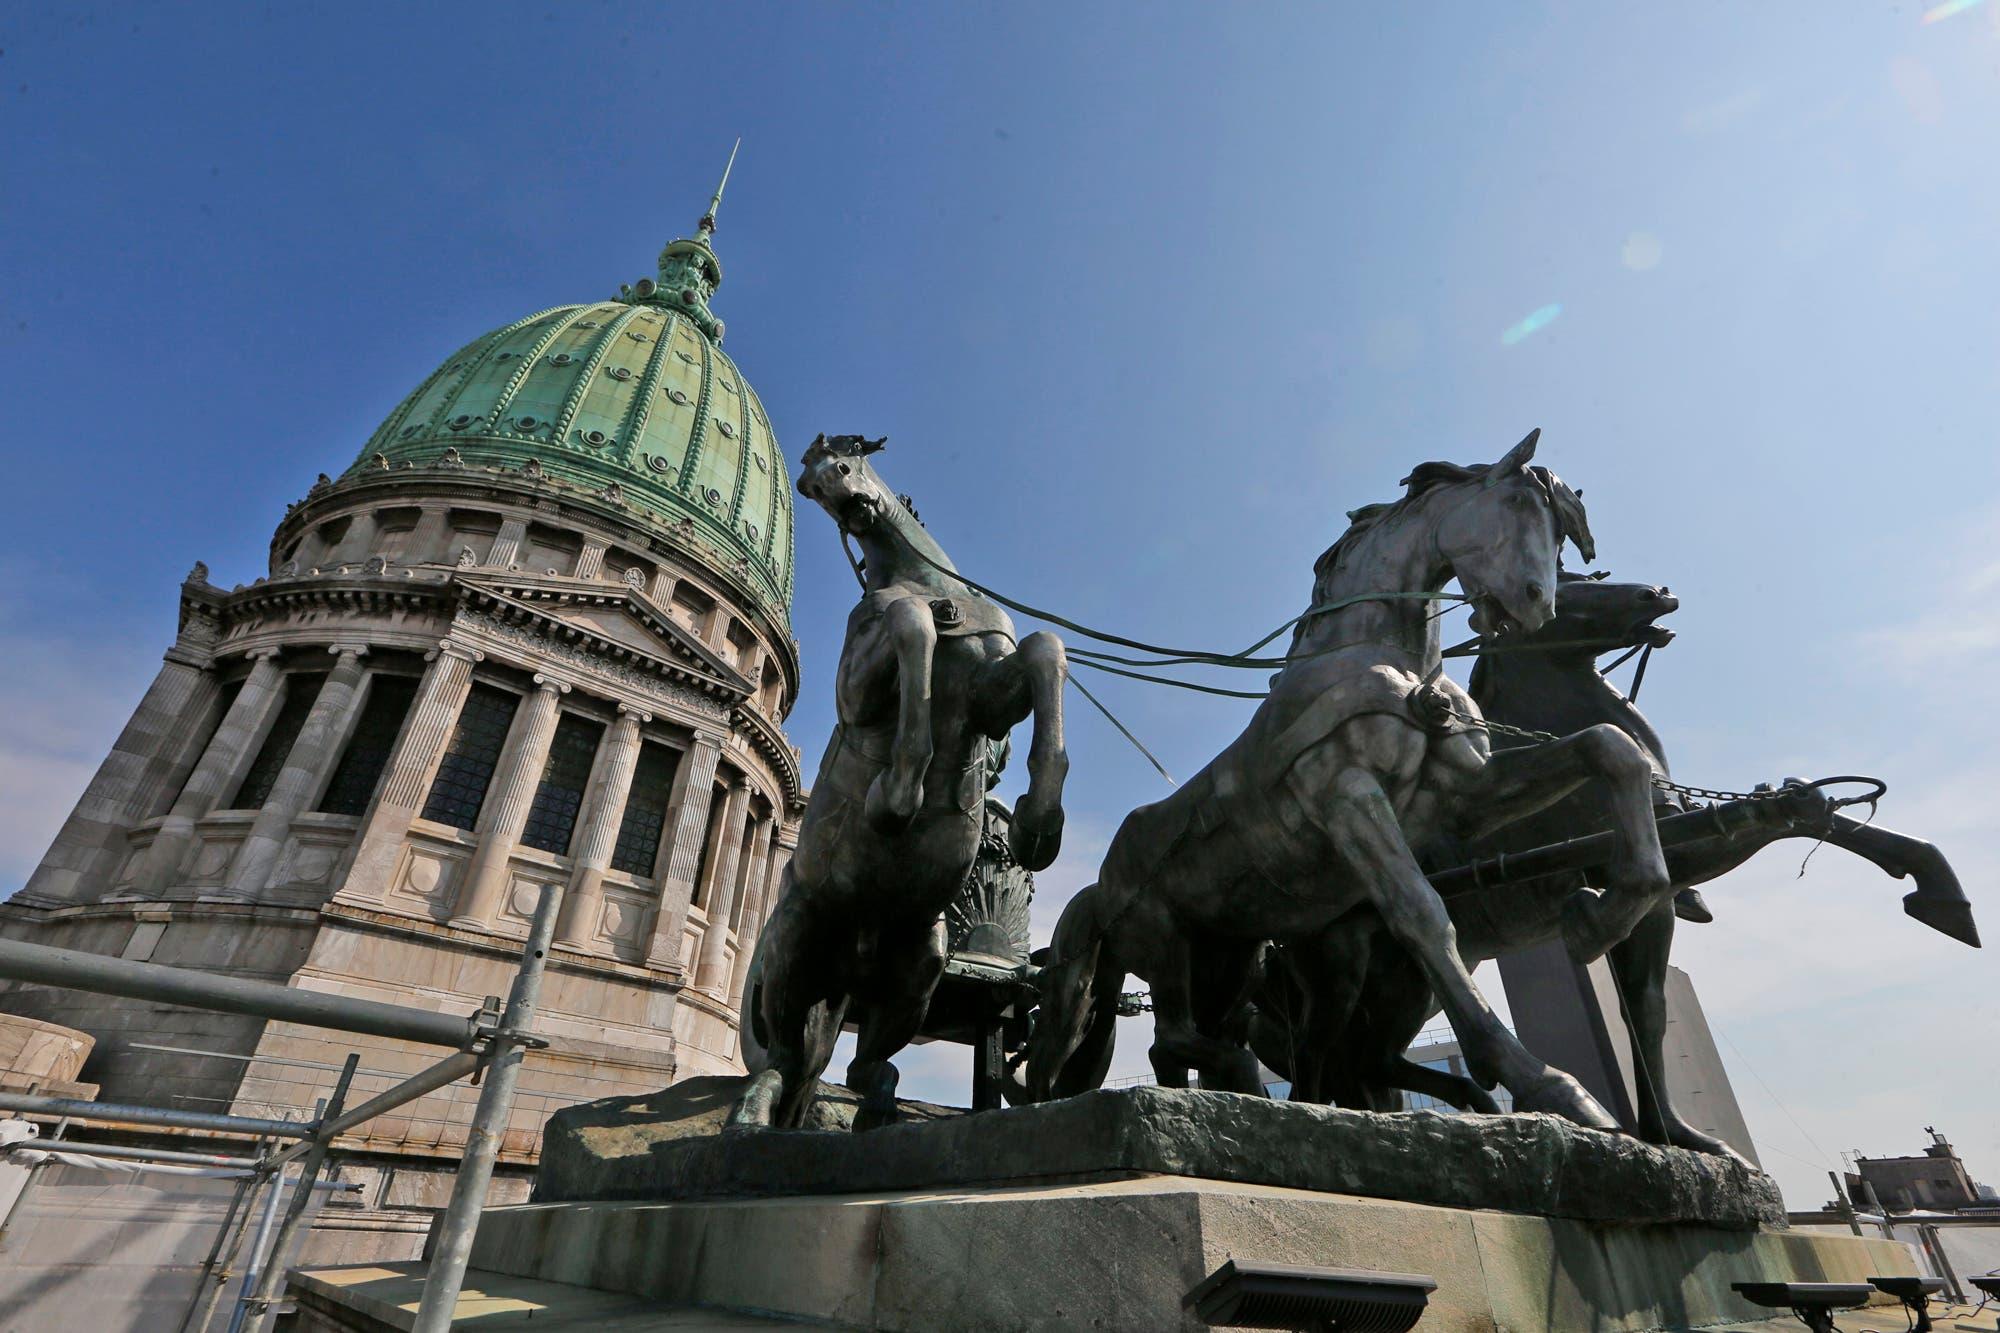 El Gobierno envió al Congreso un proyecto de ley que reduce las jubilaciones de jueces y diplomáticos